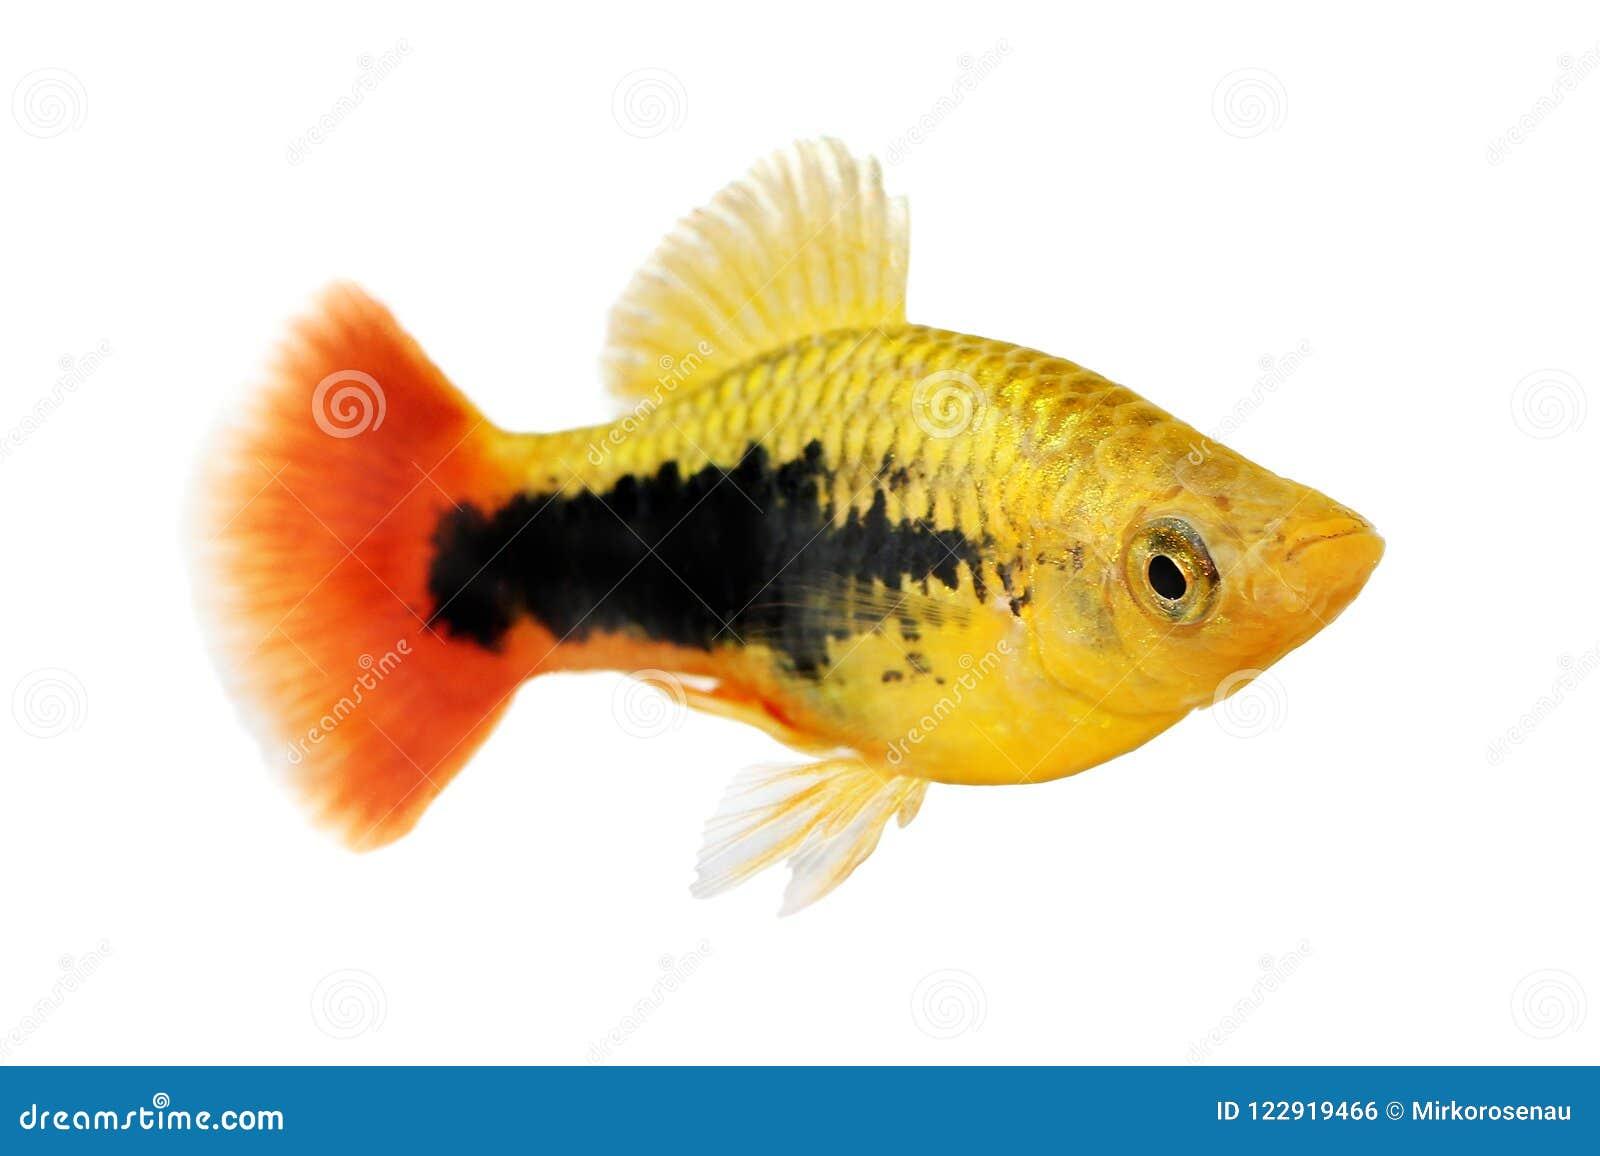 镶有钻石的旭日形首饰的无尾礼服新月鱼男性Xiphophorus variatus热带水族馆鱼